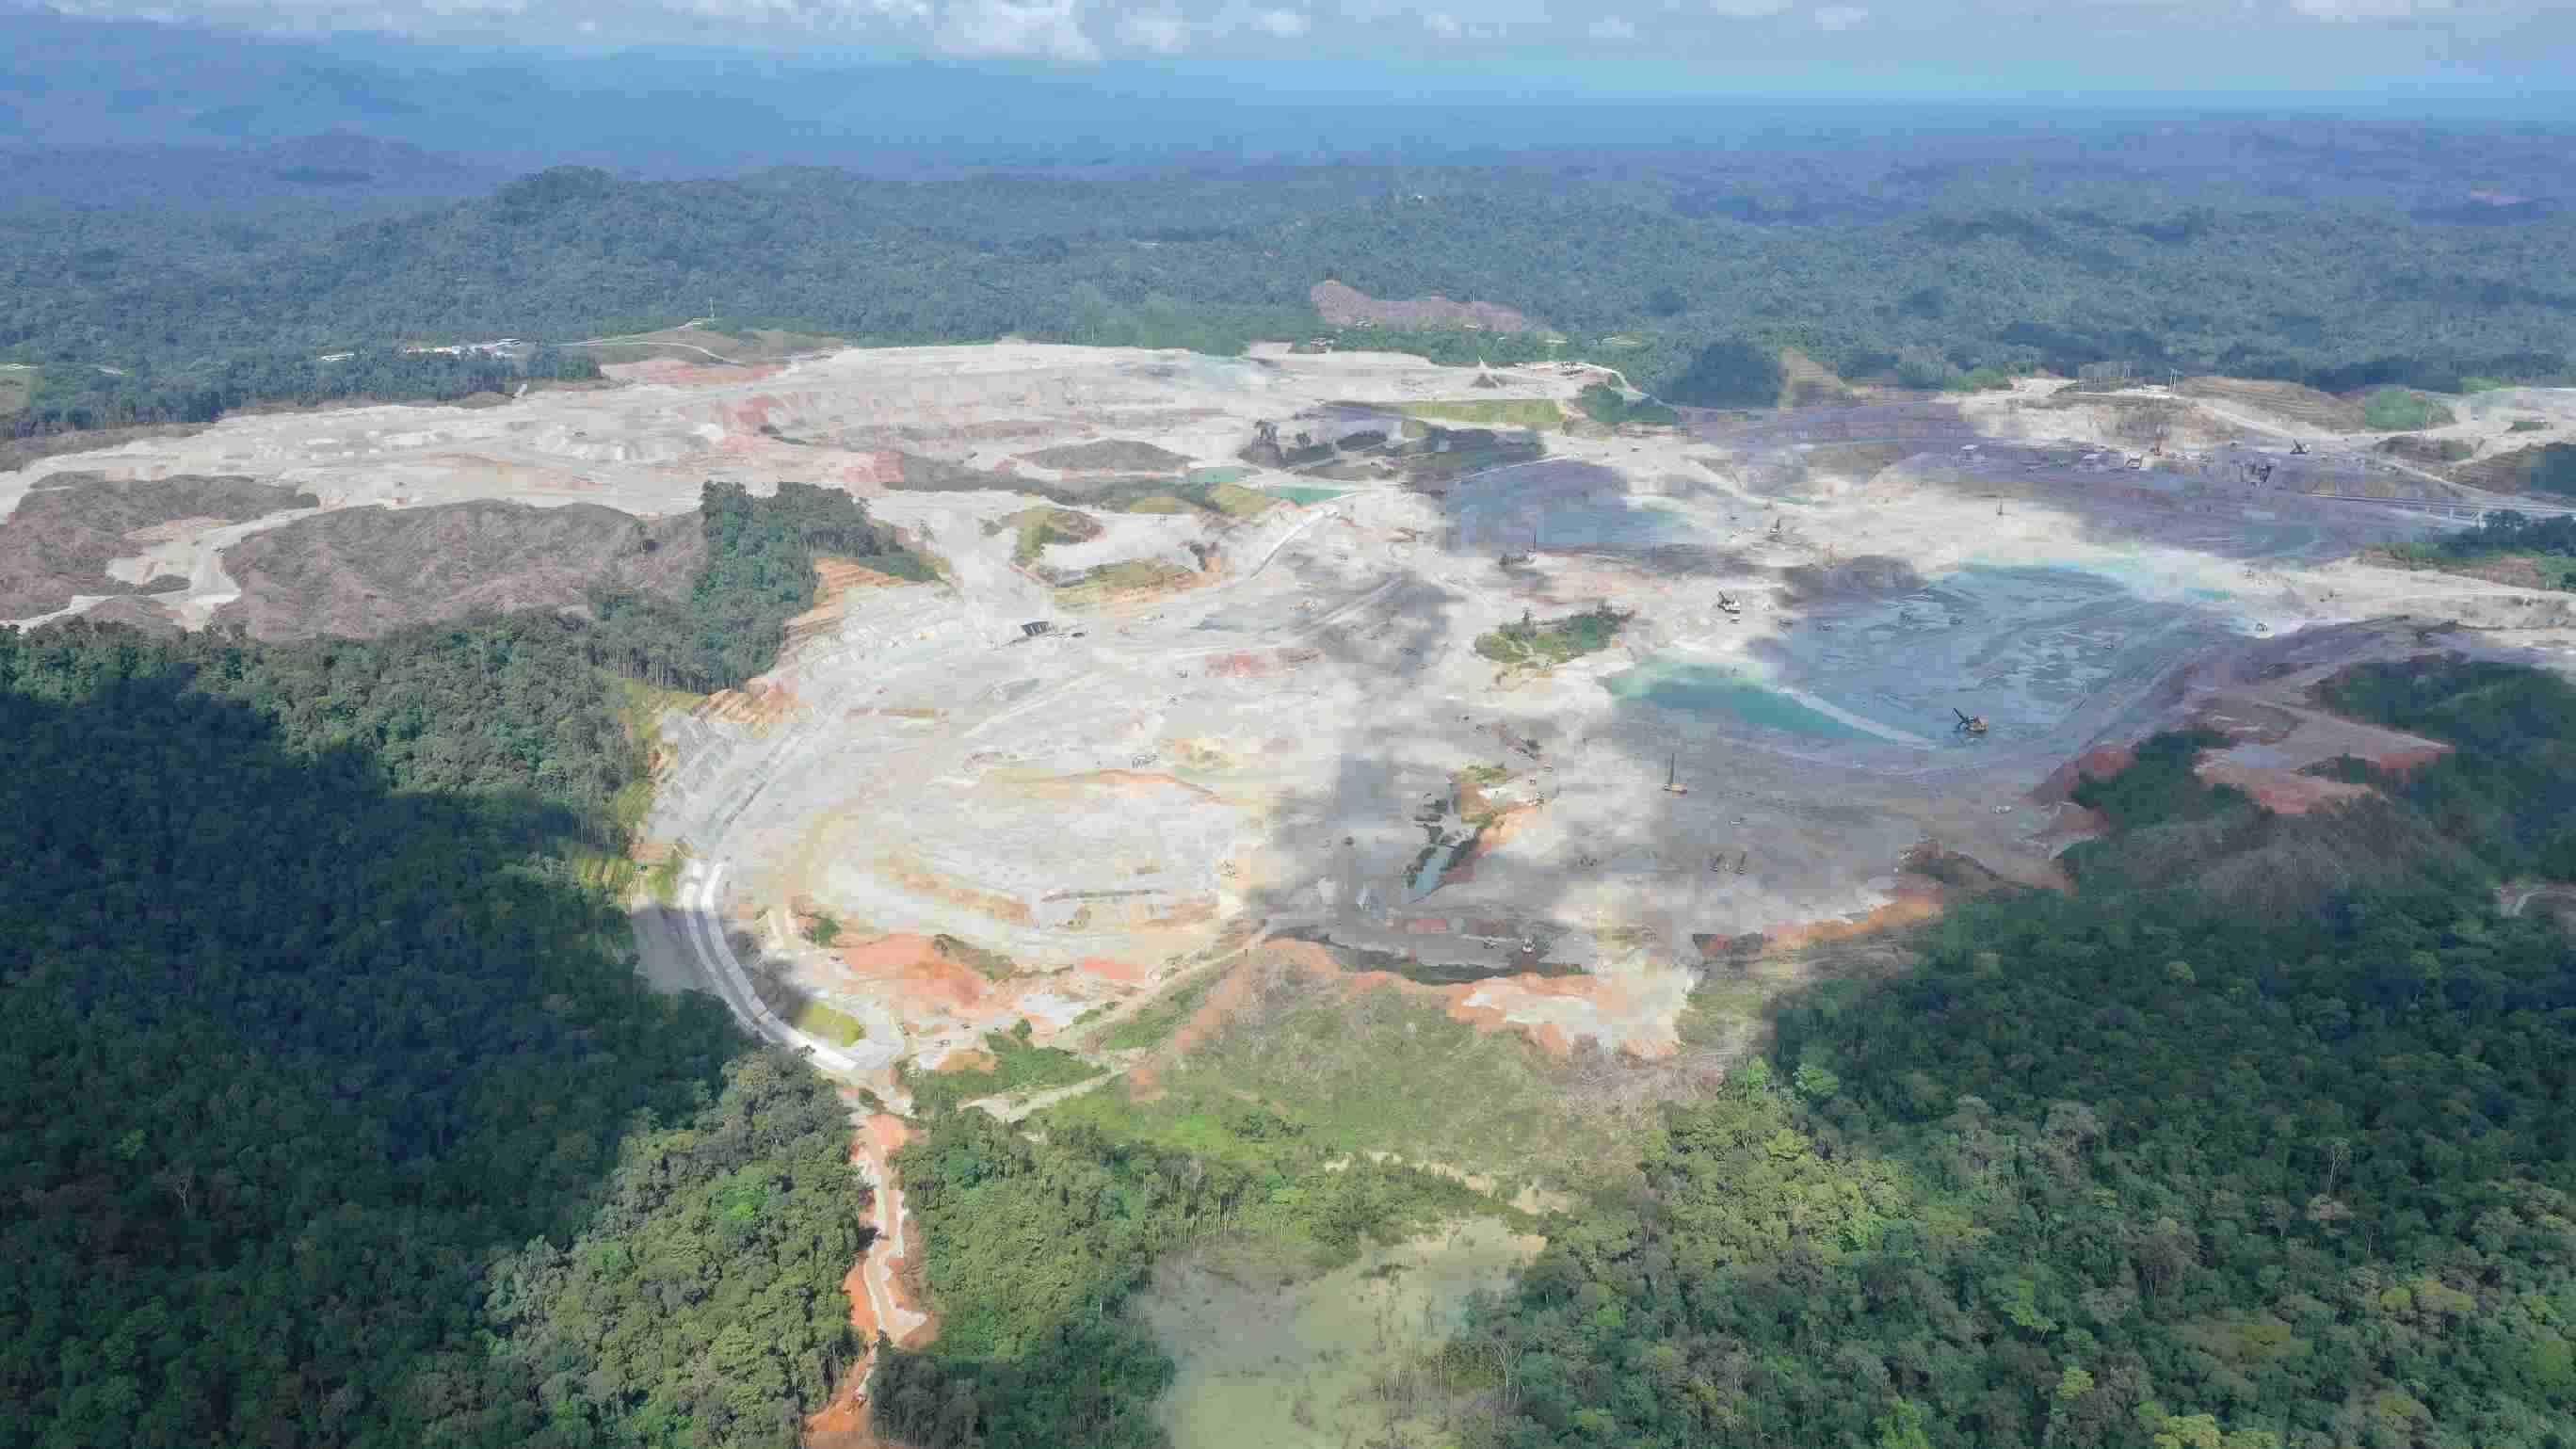 Crecientes casos de covid-19 presionan a mineras en Latinoamérica